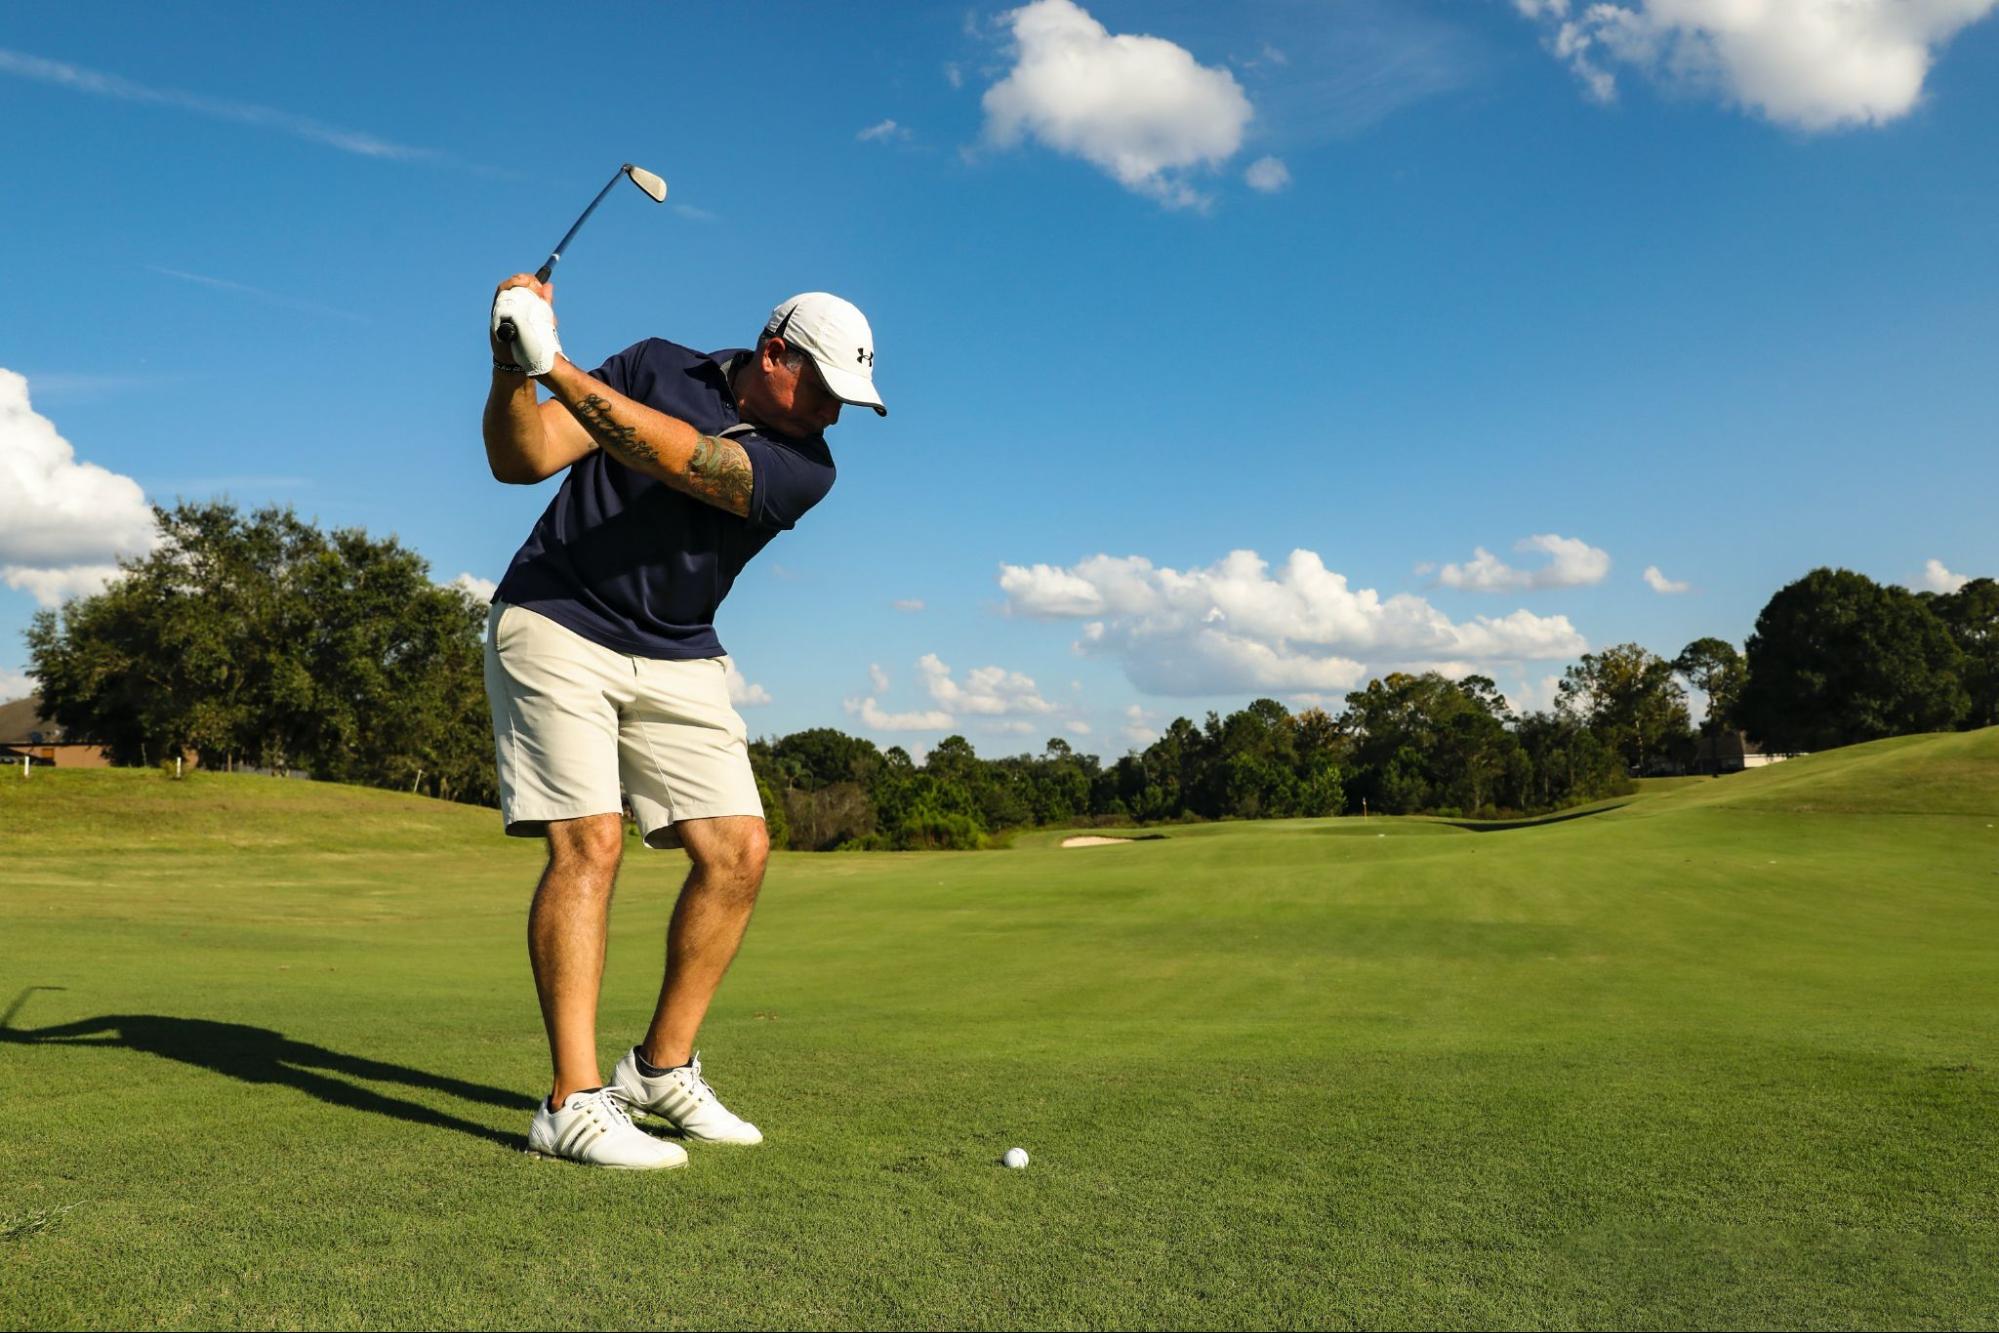 父の日にはゴルフ用品のプレゼントを!ゴルフウェアやバッグ、ボールなどおすすめ商品を紹介